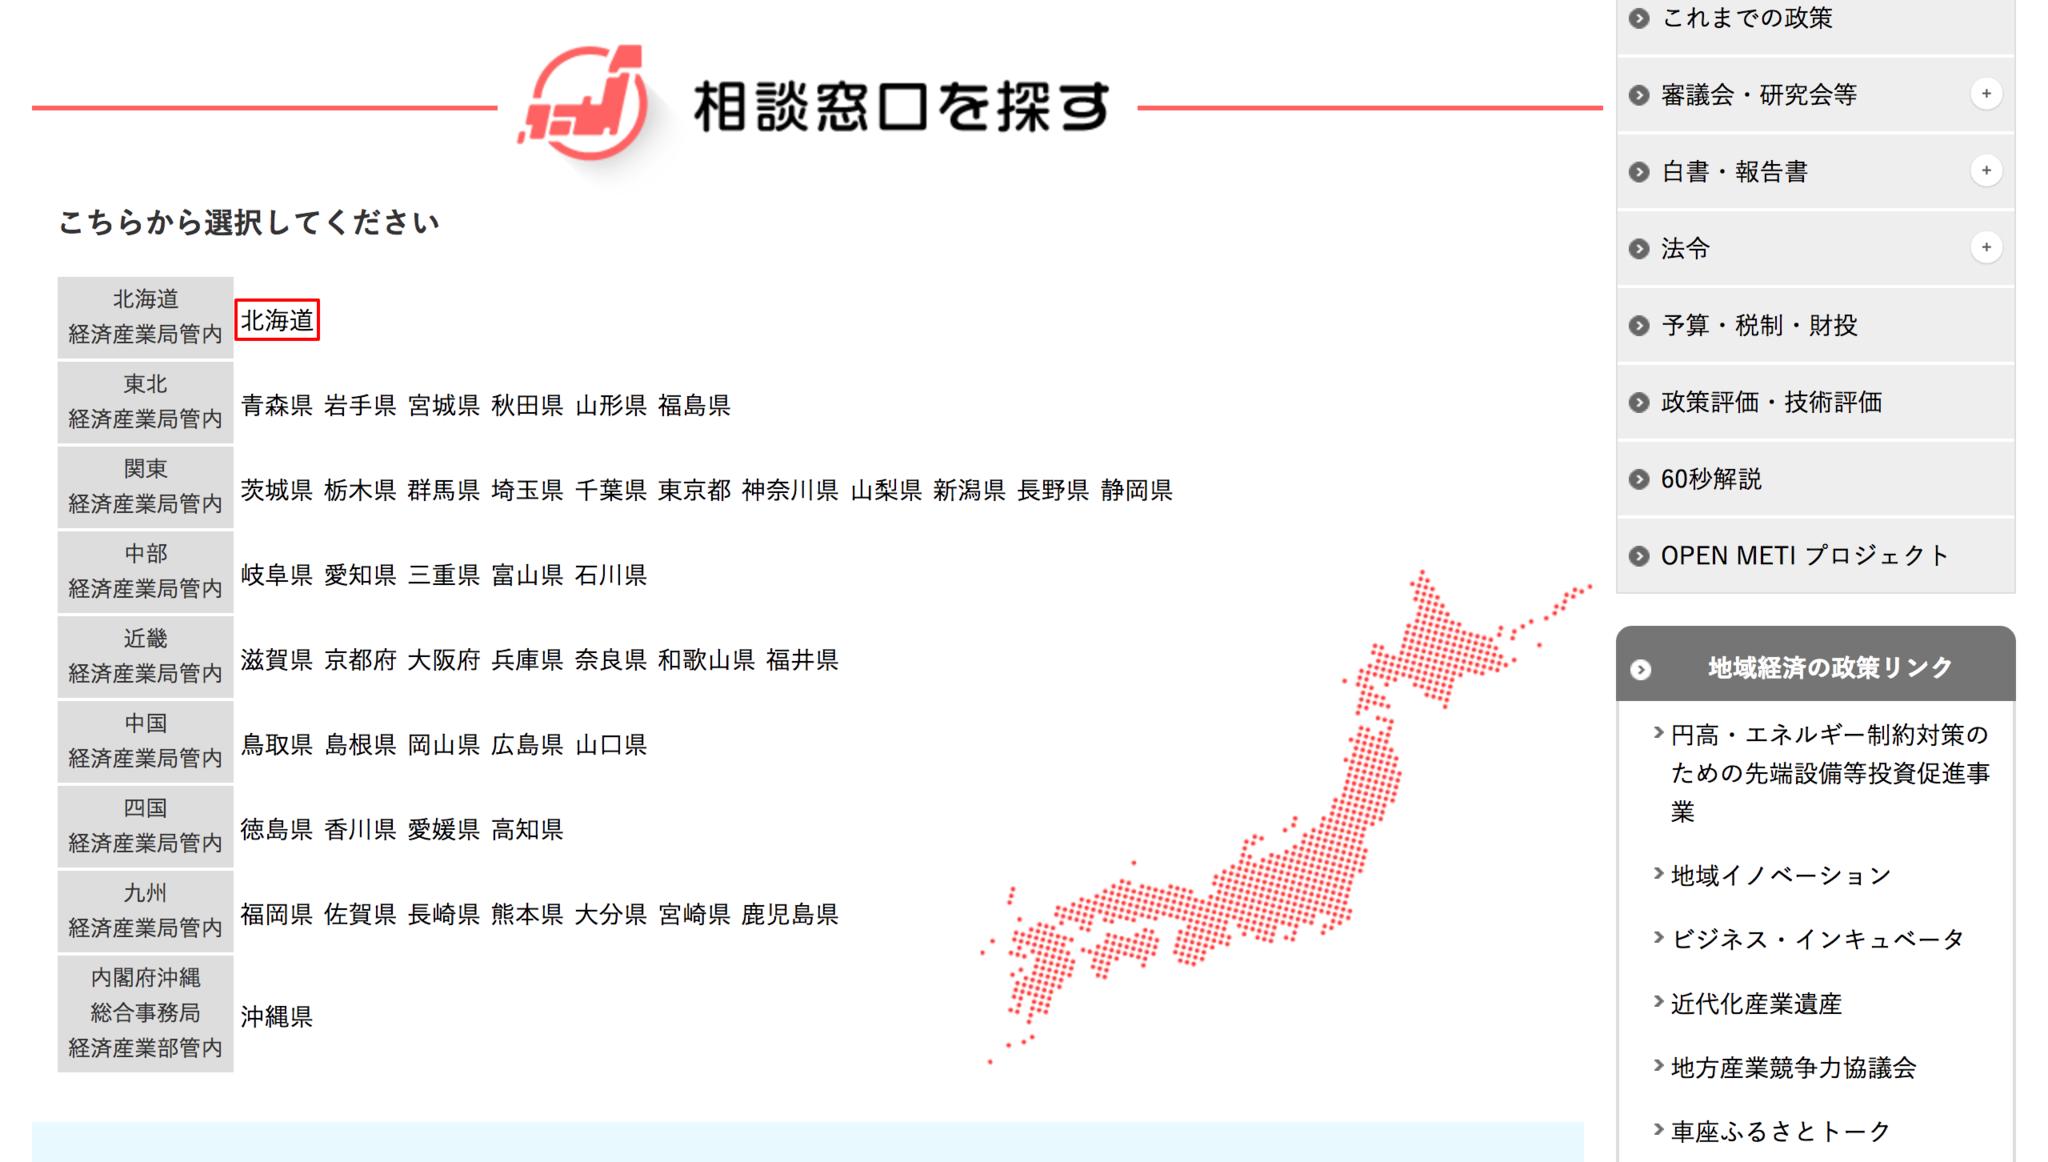 ミエル☆ヒント_飛躍したい人に飛躍のためのヒントを_(METI_経済産業省)_(9).png